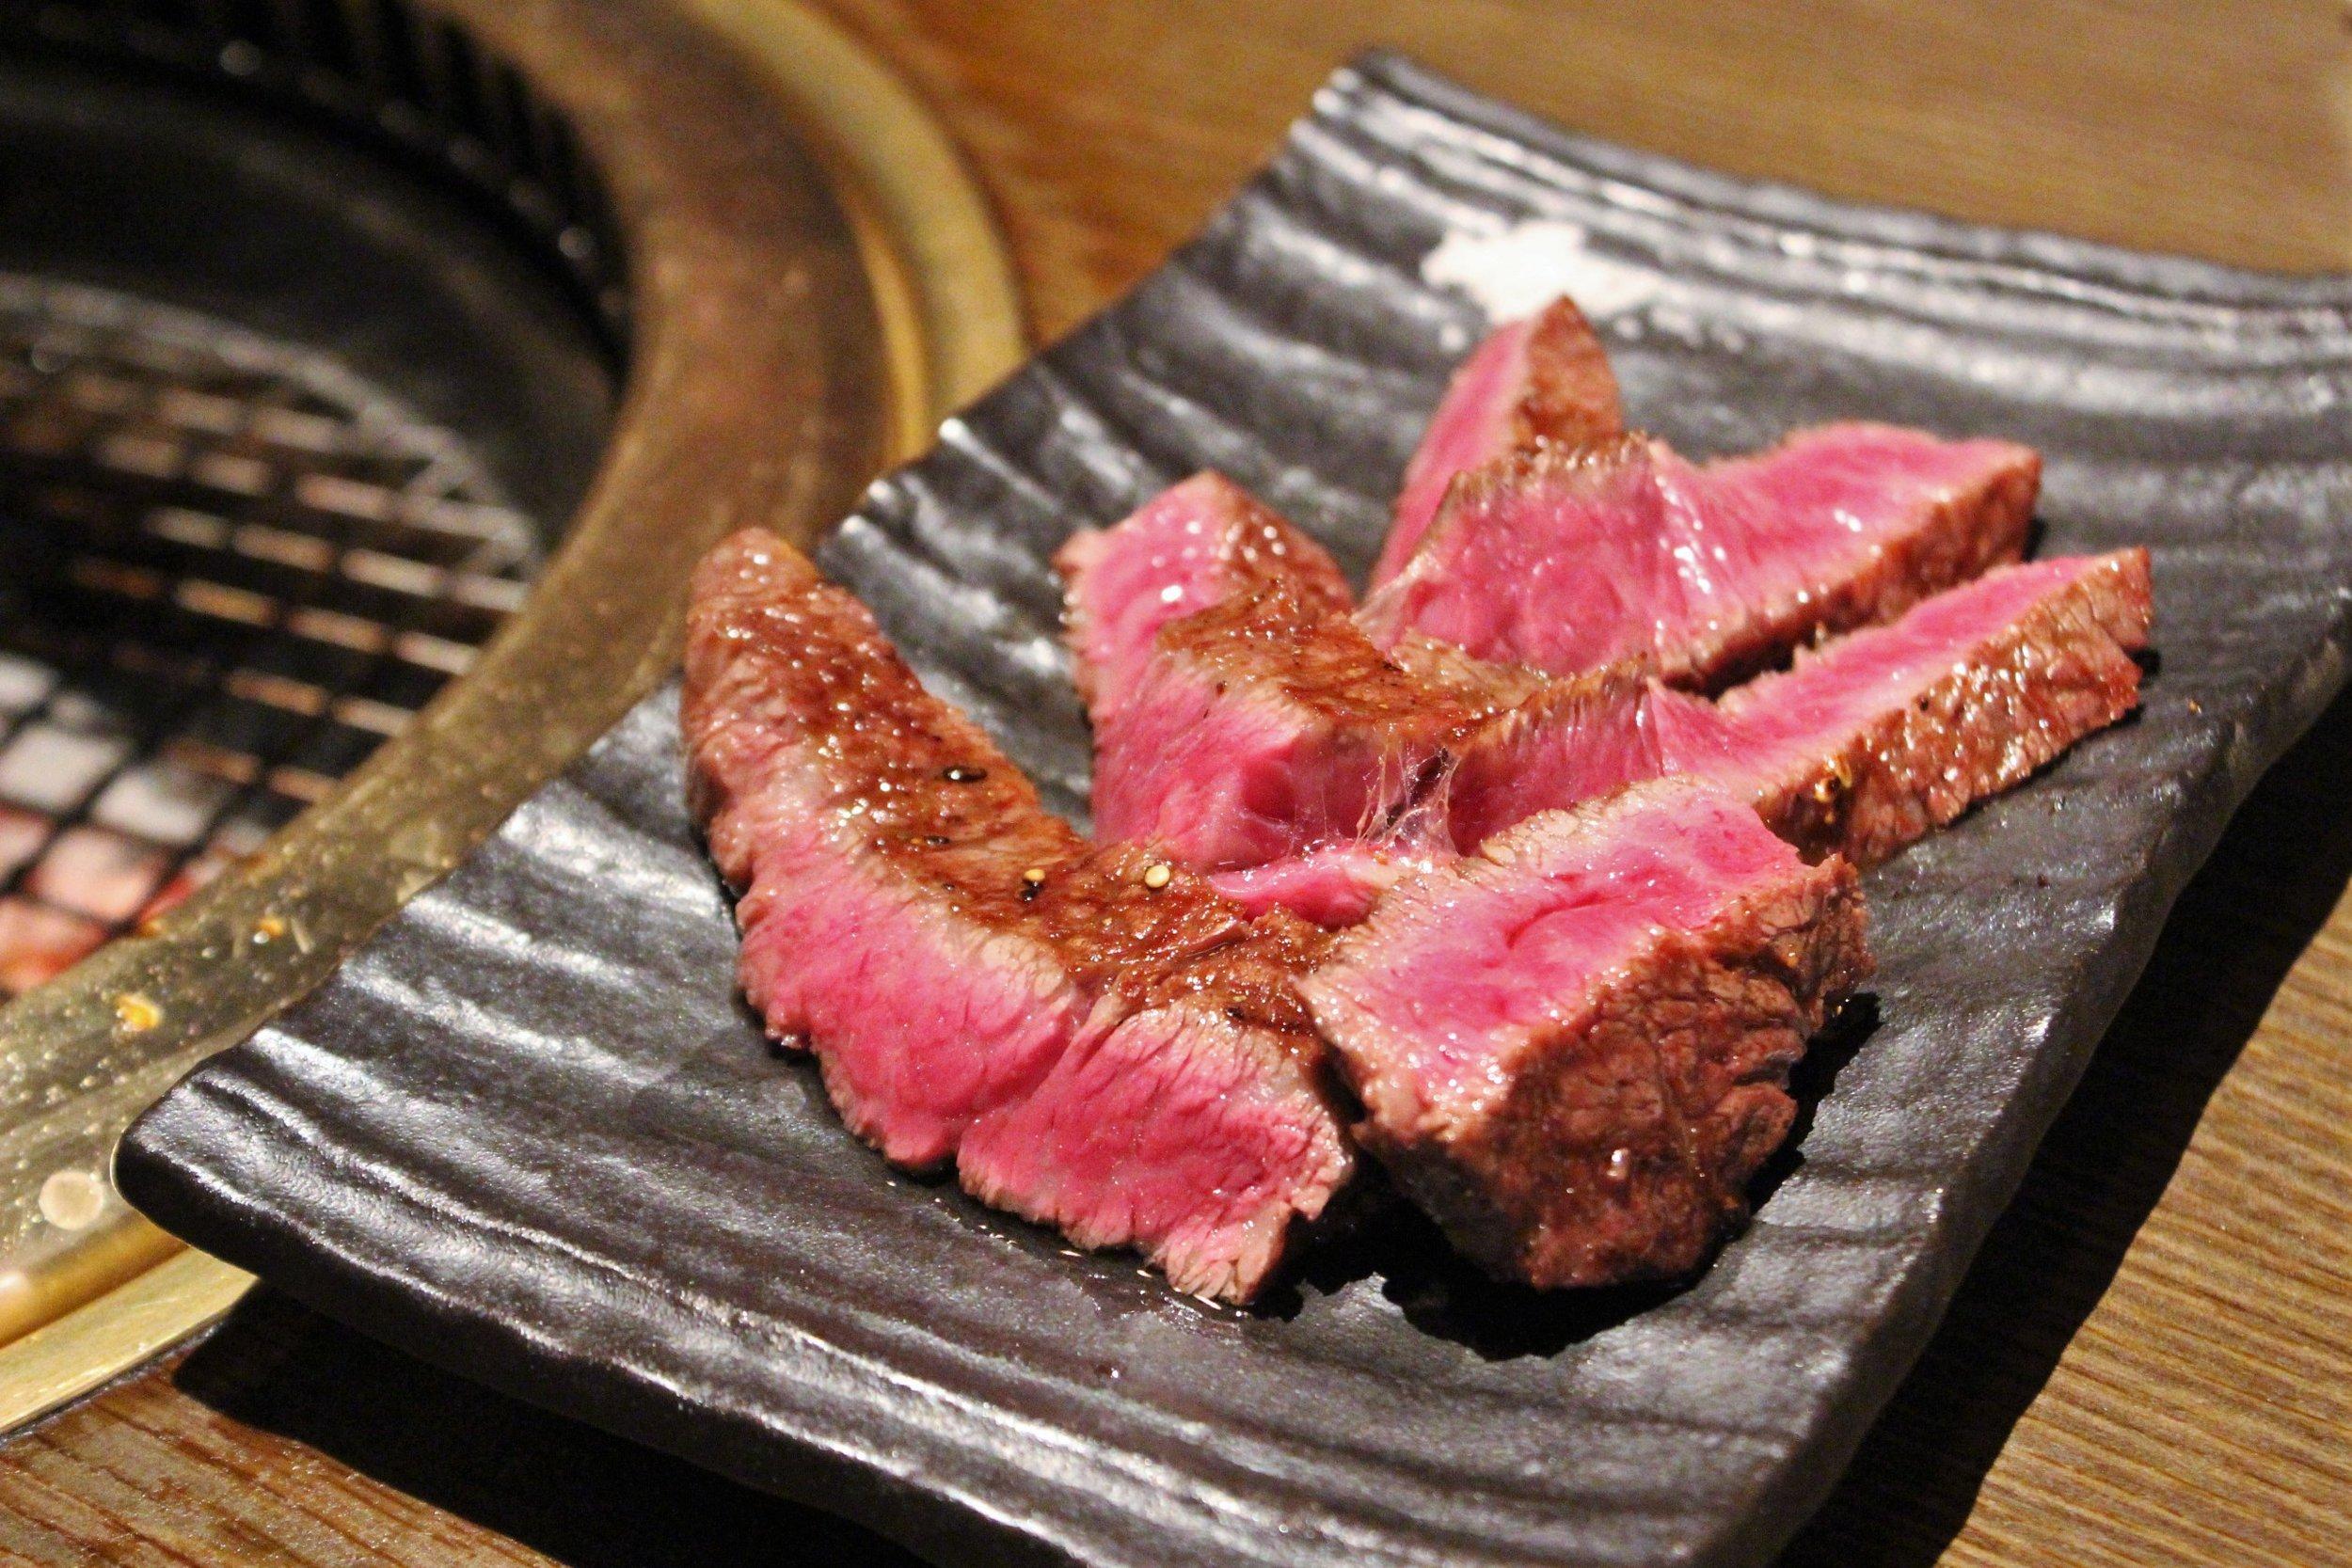 Wagyu Beef Tenderloin Filet A9+